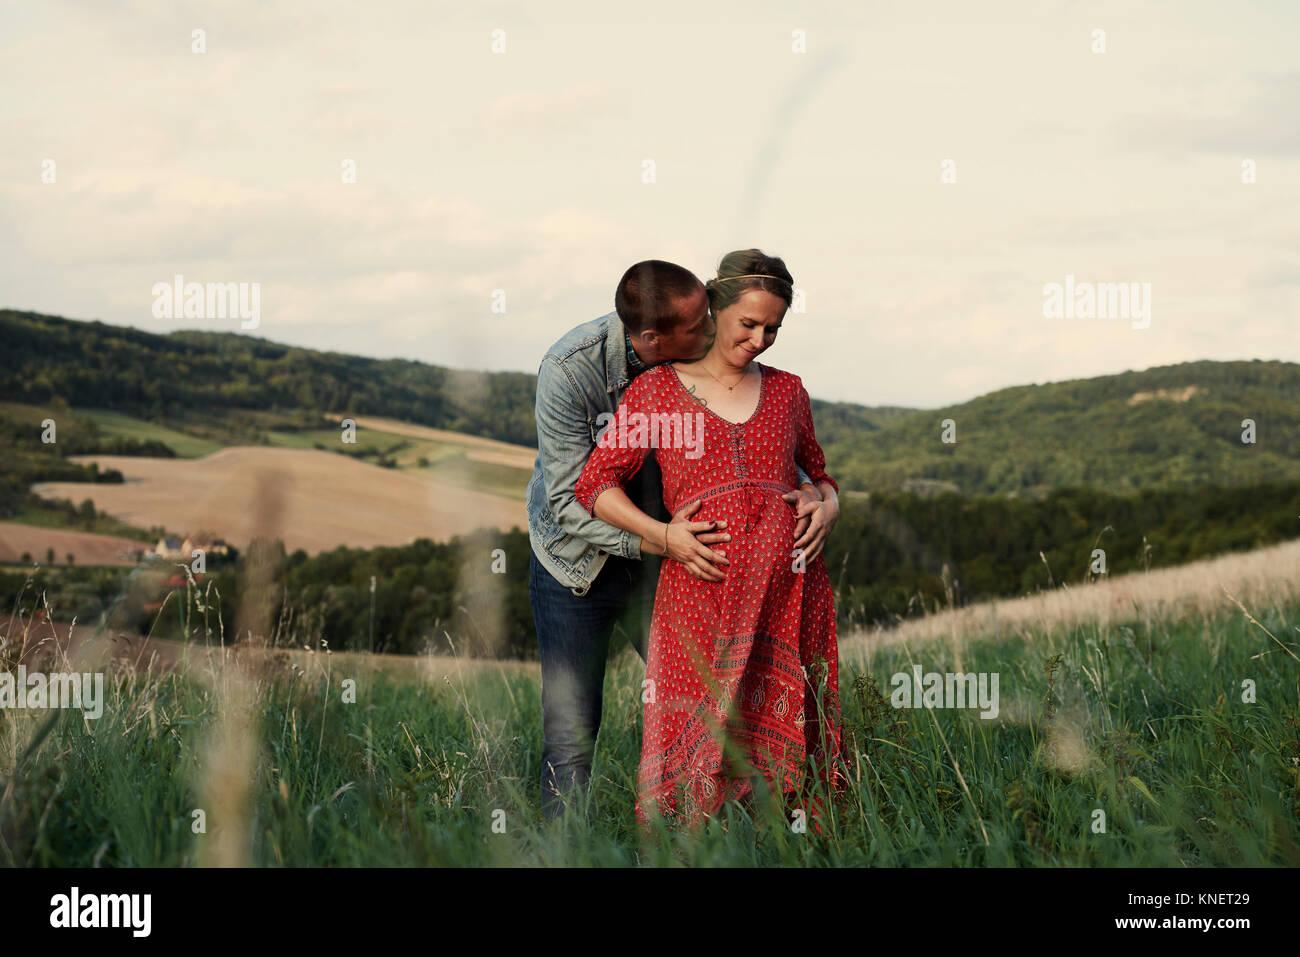 Romantischer Mann mit Hände auf die schwangere Frau Magen im Querformat Stockbild